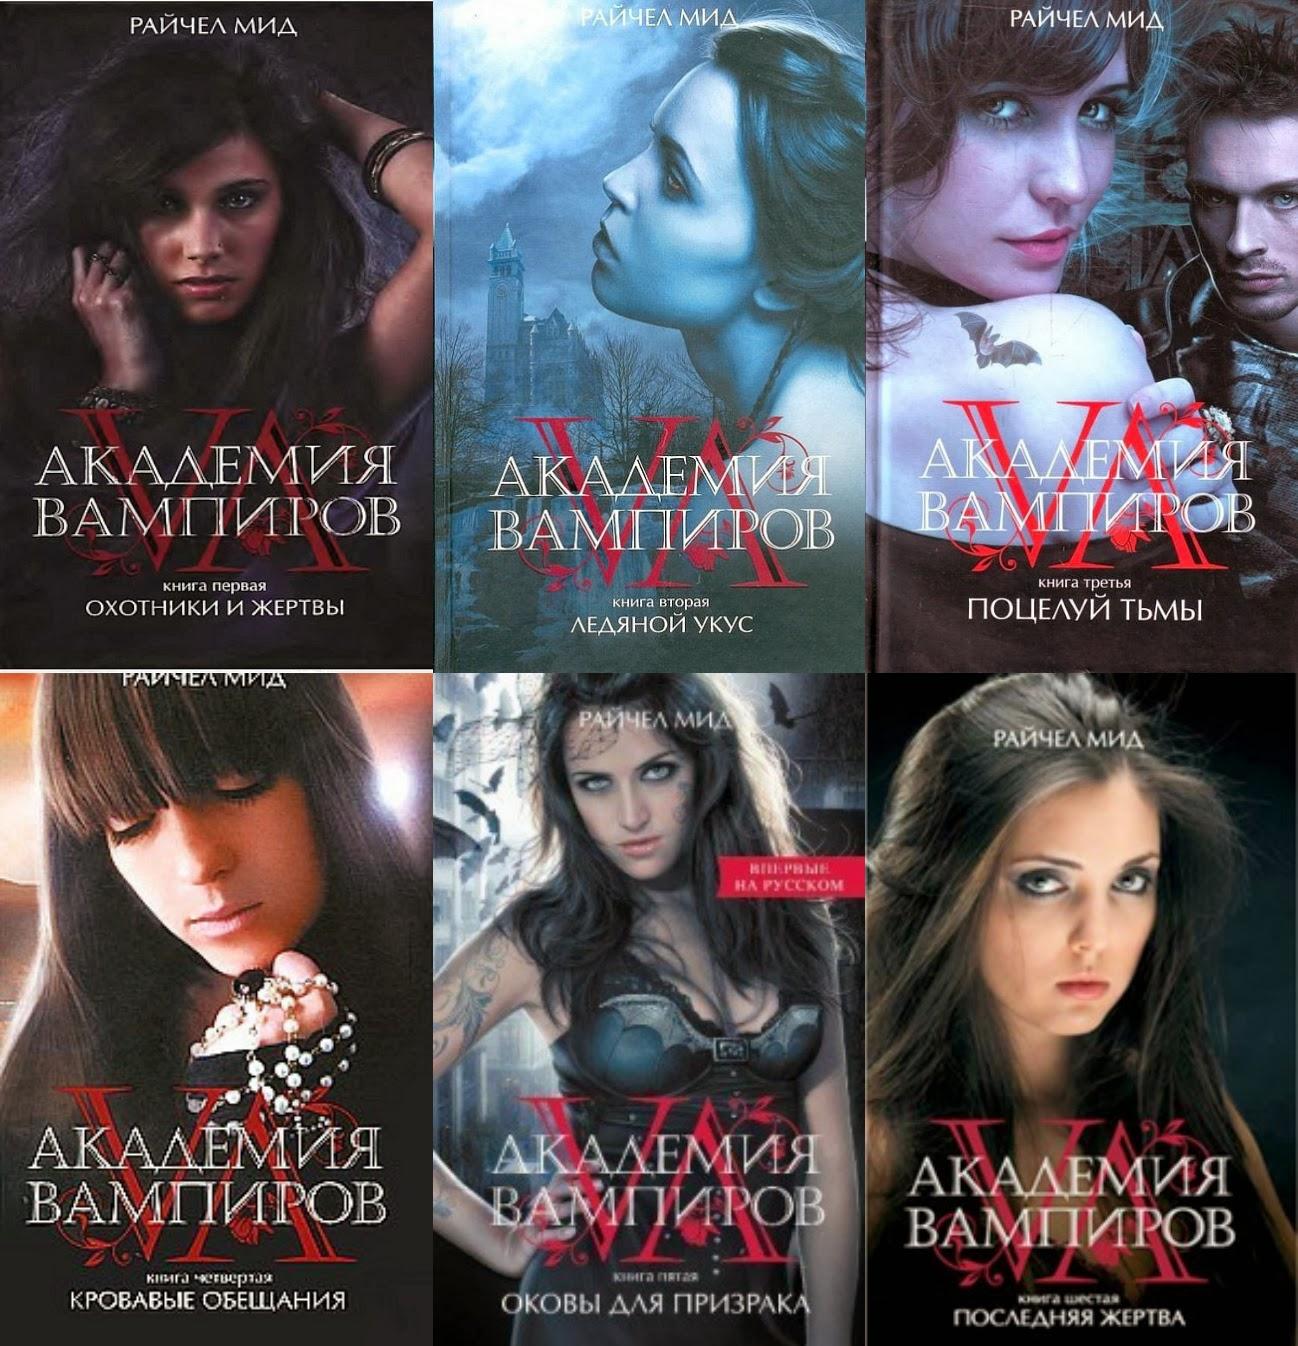 Академия вампиров последняя жертва fb2 скачать